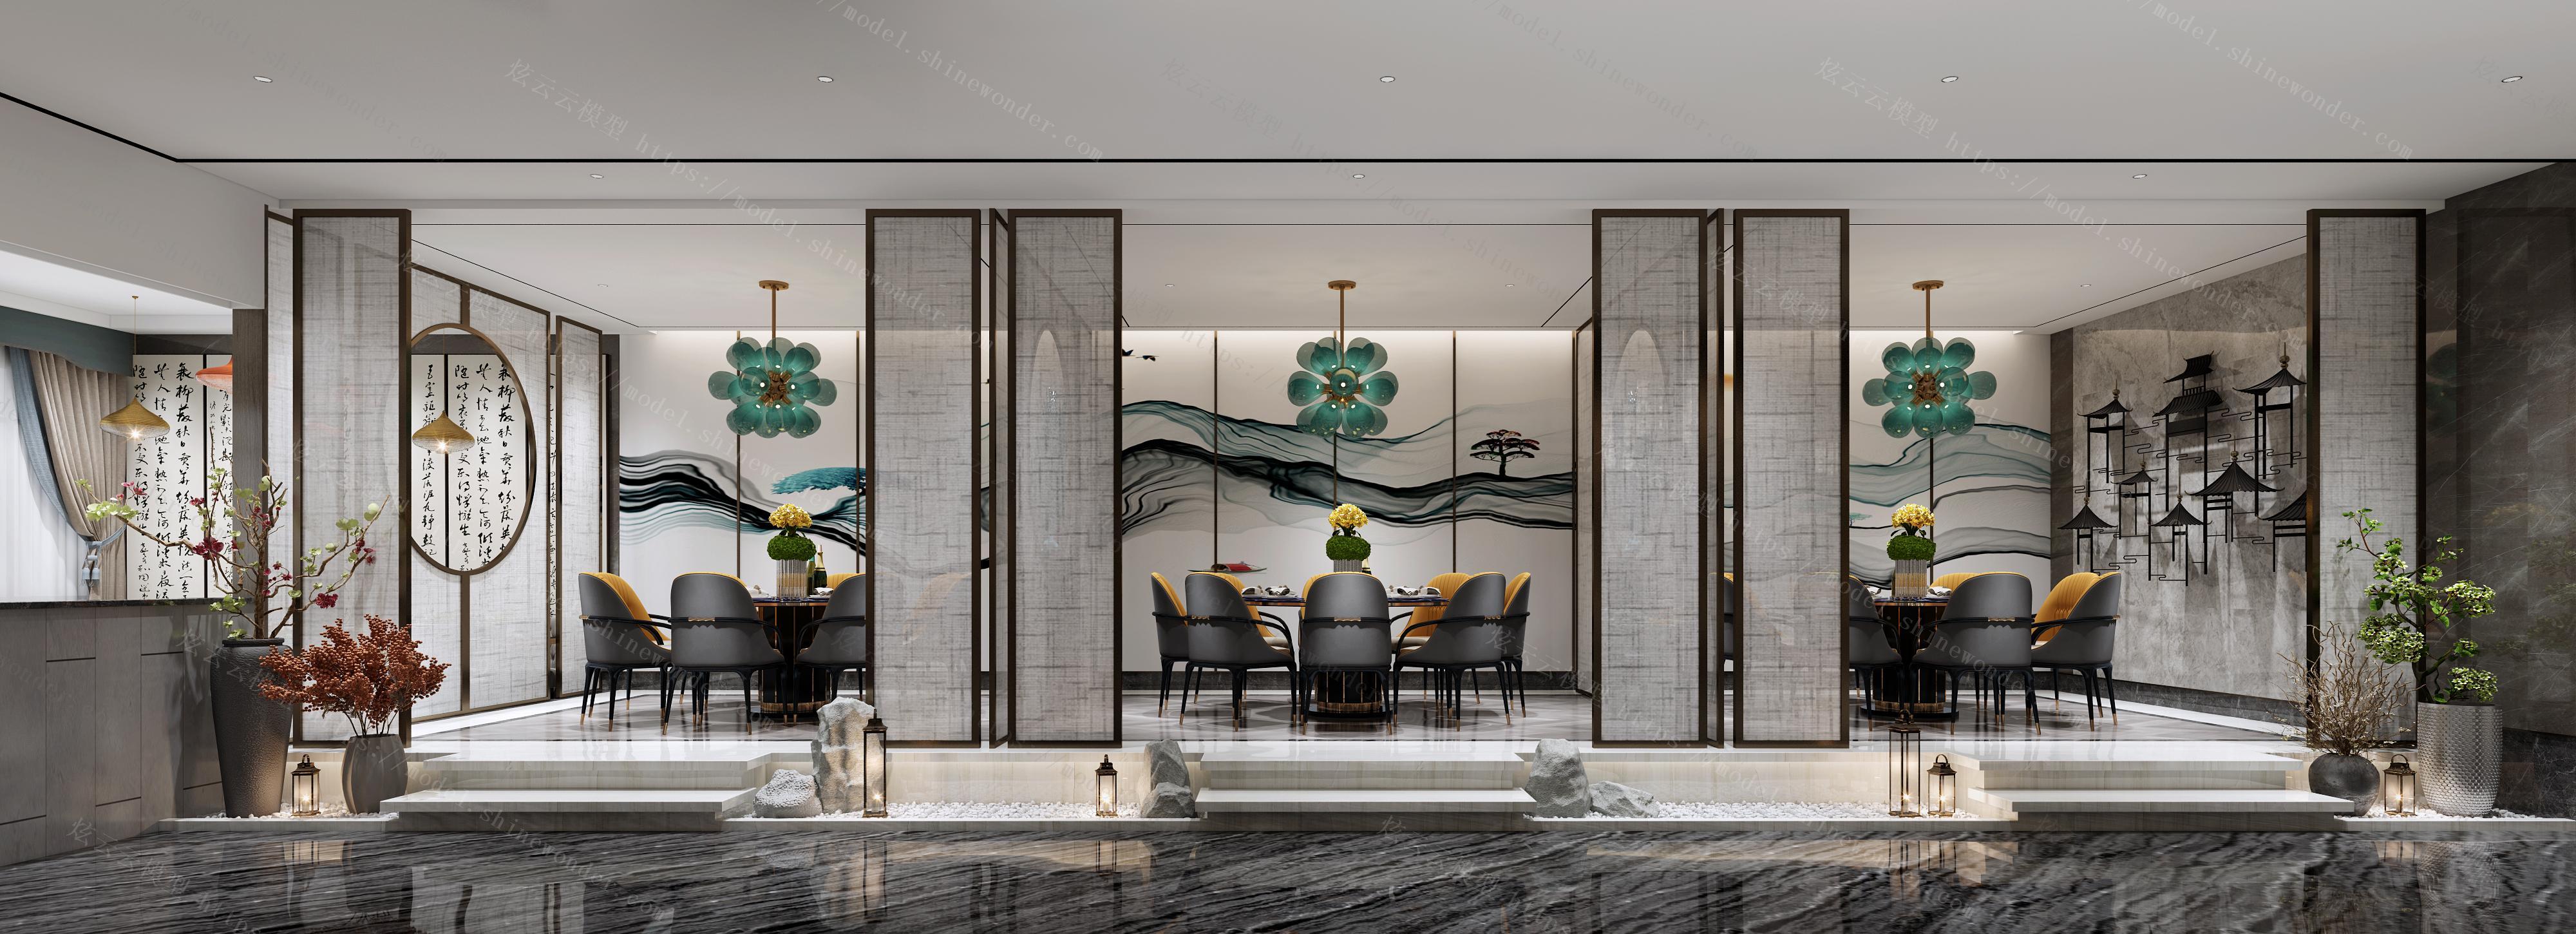 新中式酒店餐厅包间模型